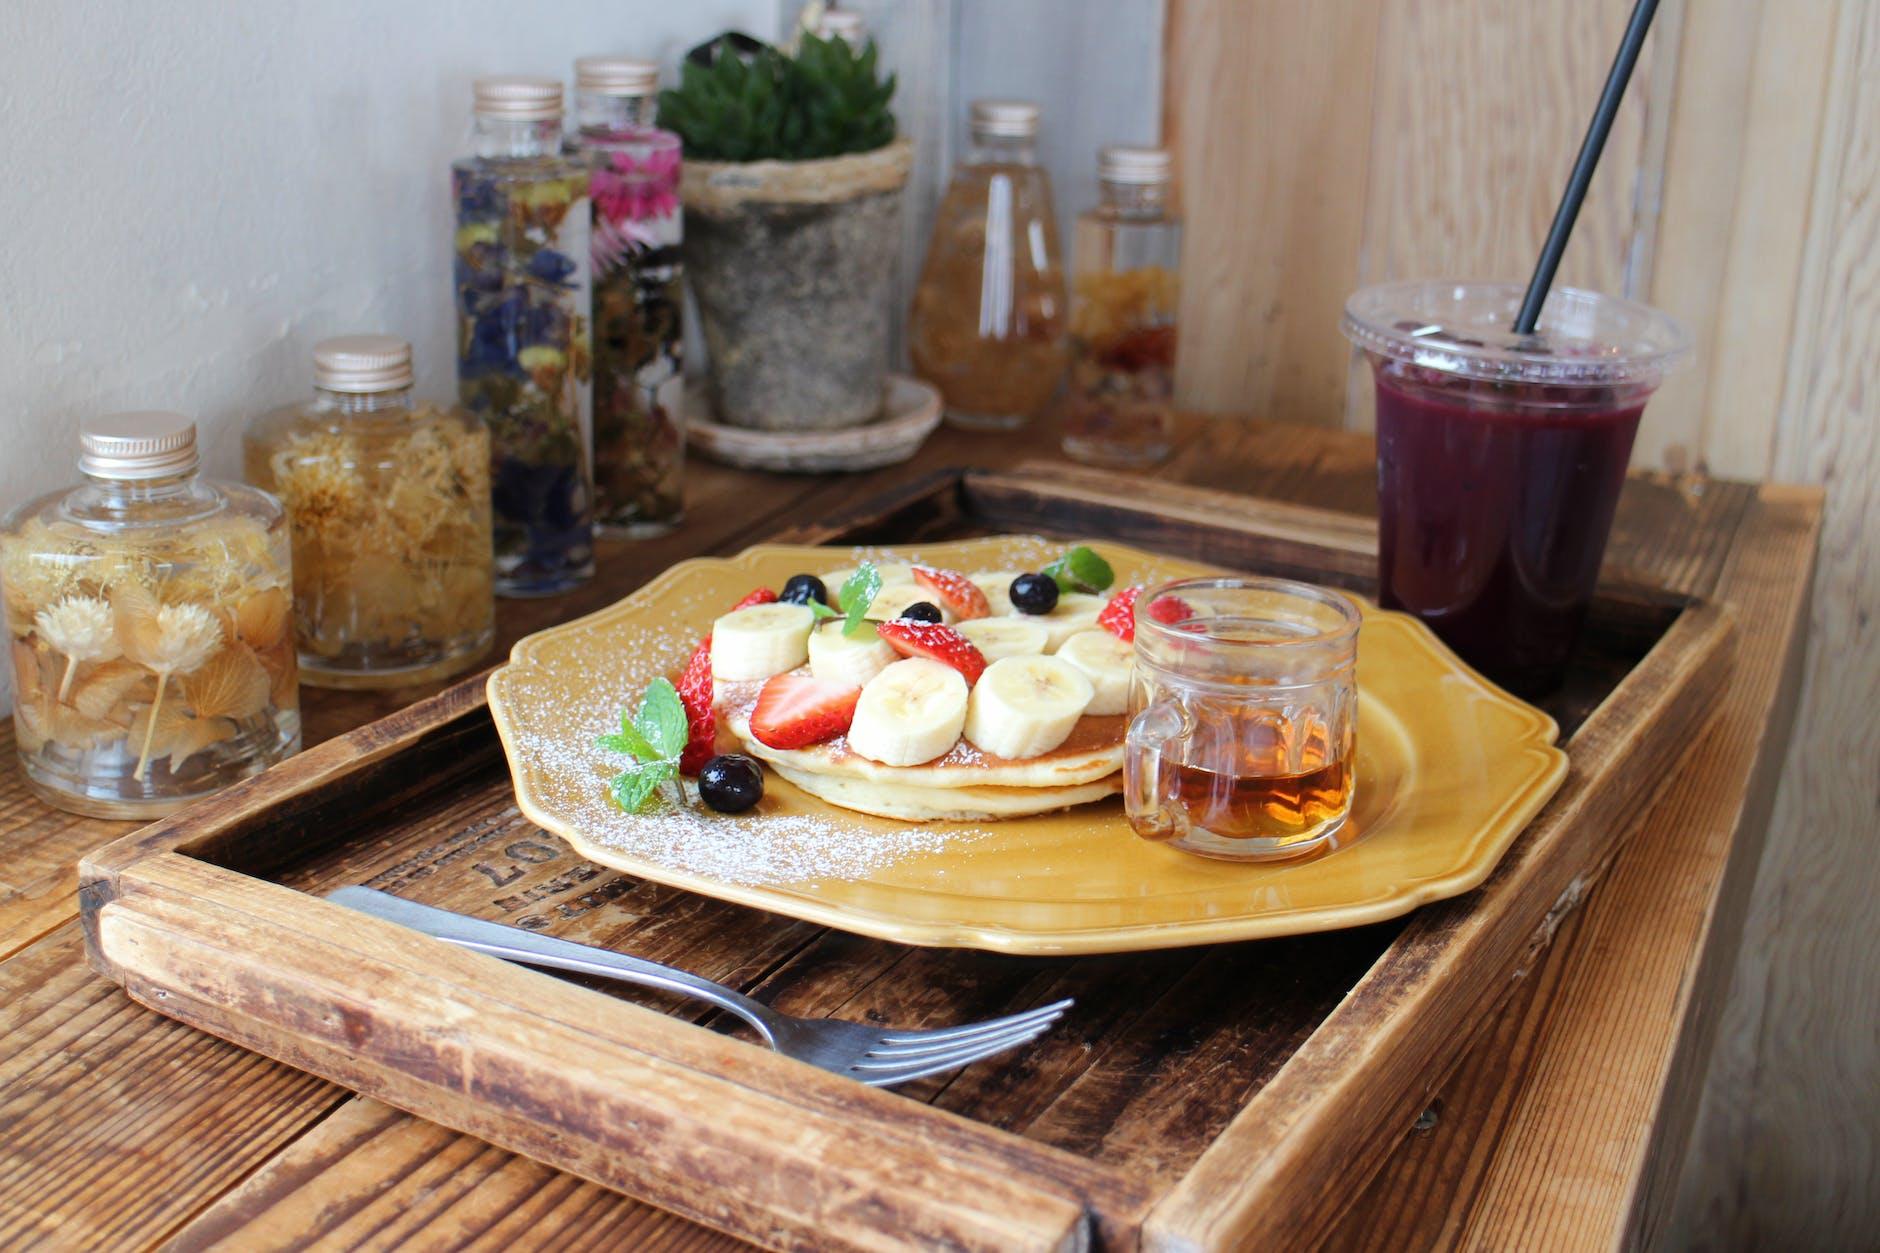 Eiwitrijk ontbijten met pannenkoeken met banaan en aardbeien